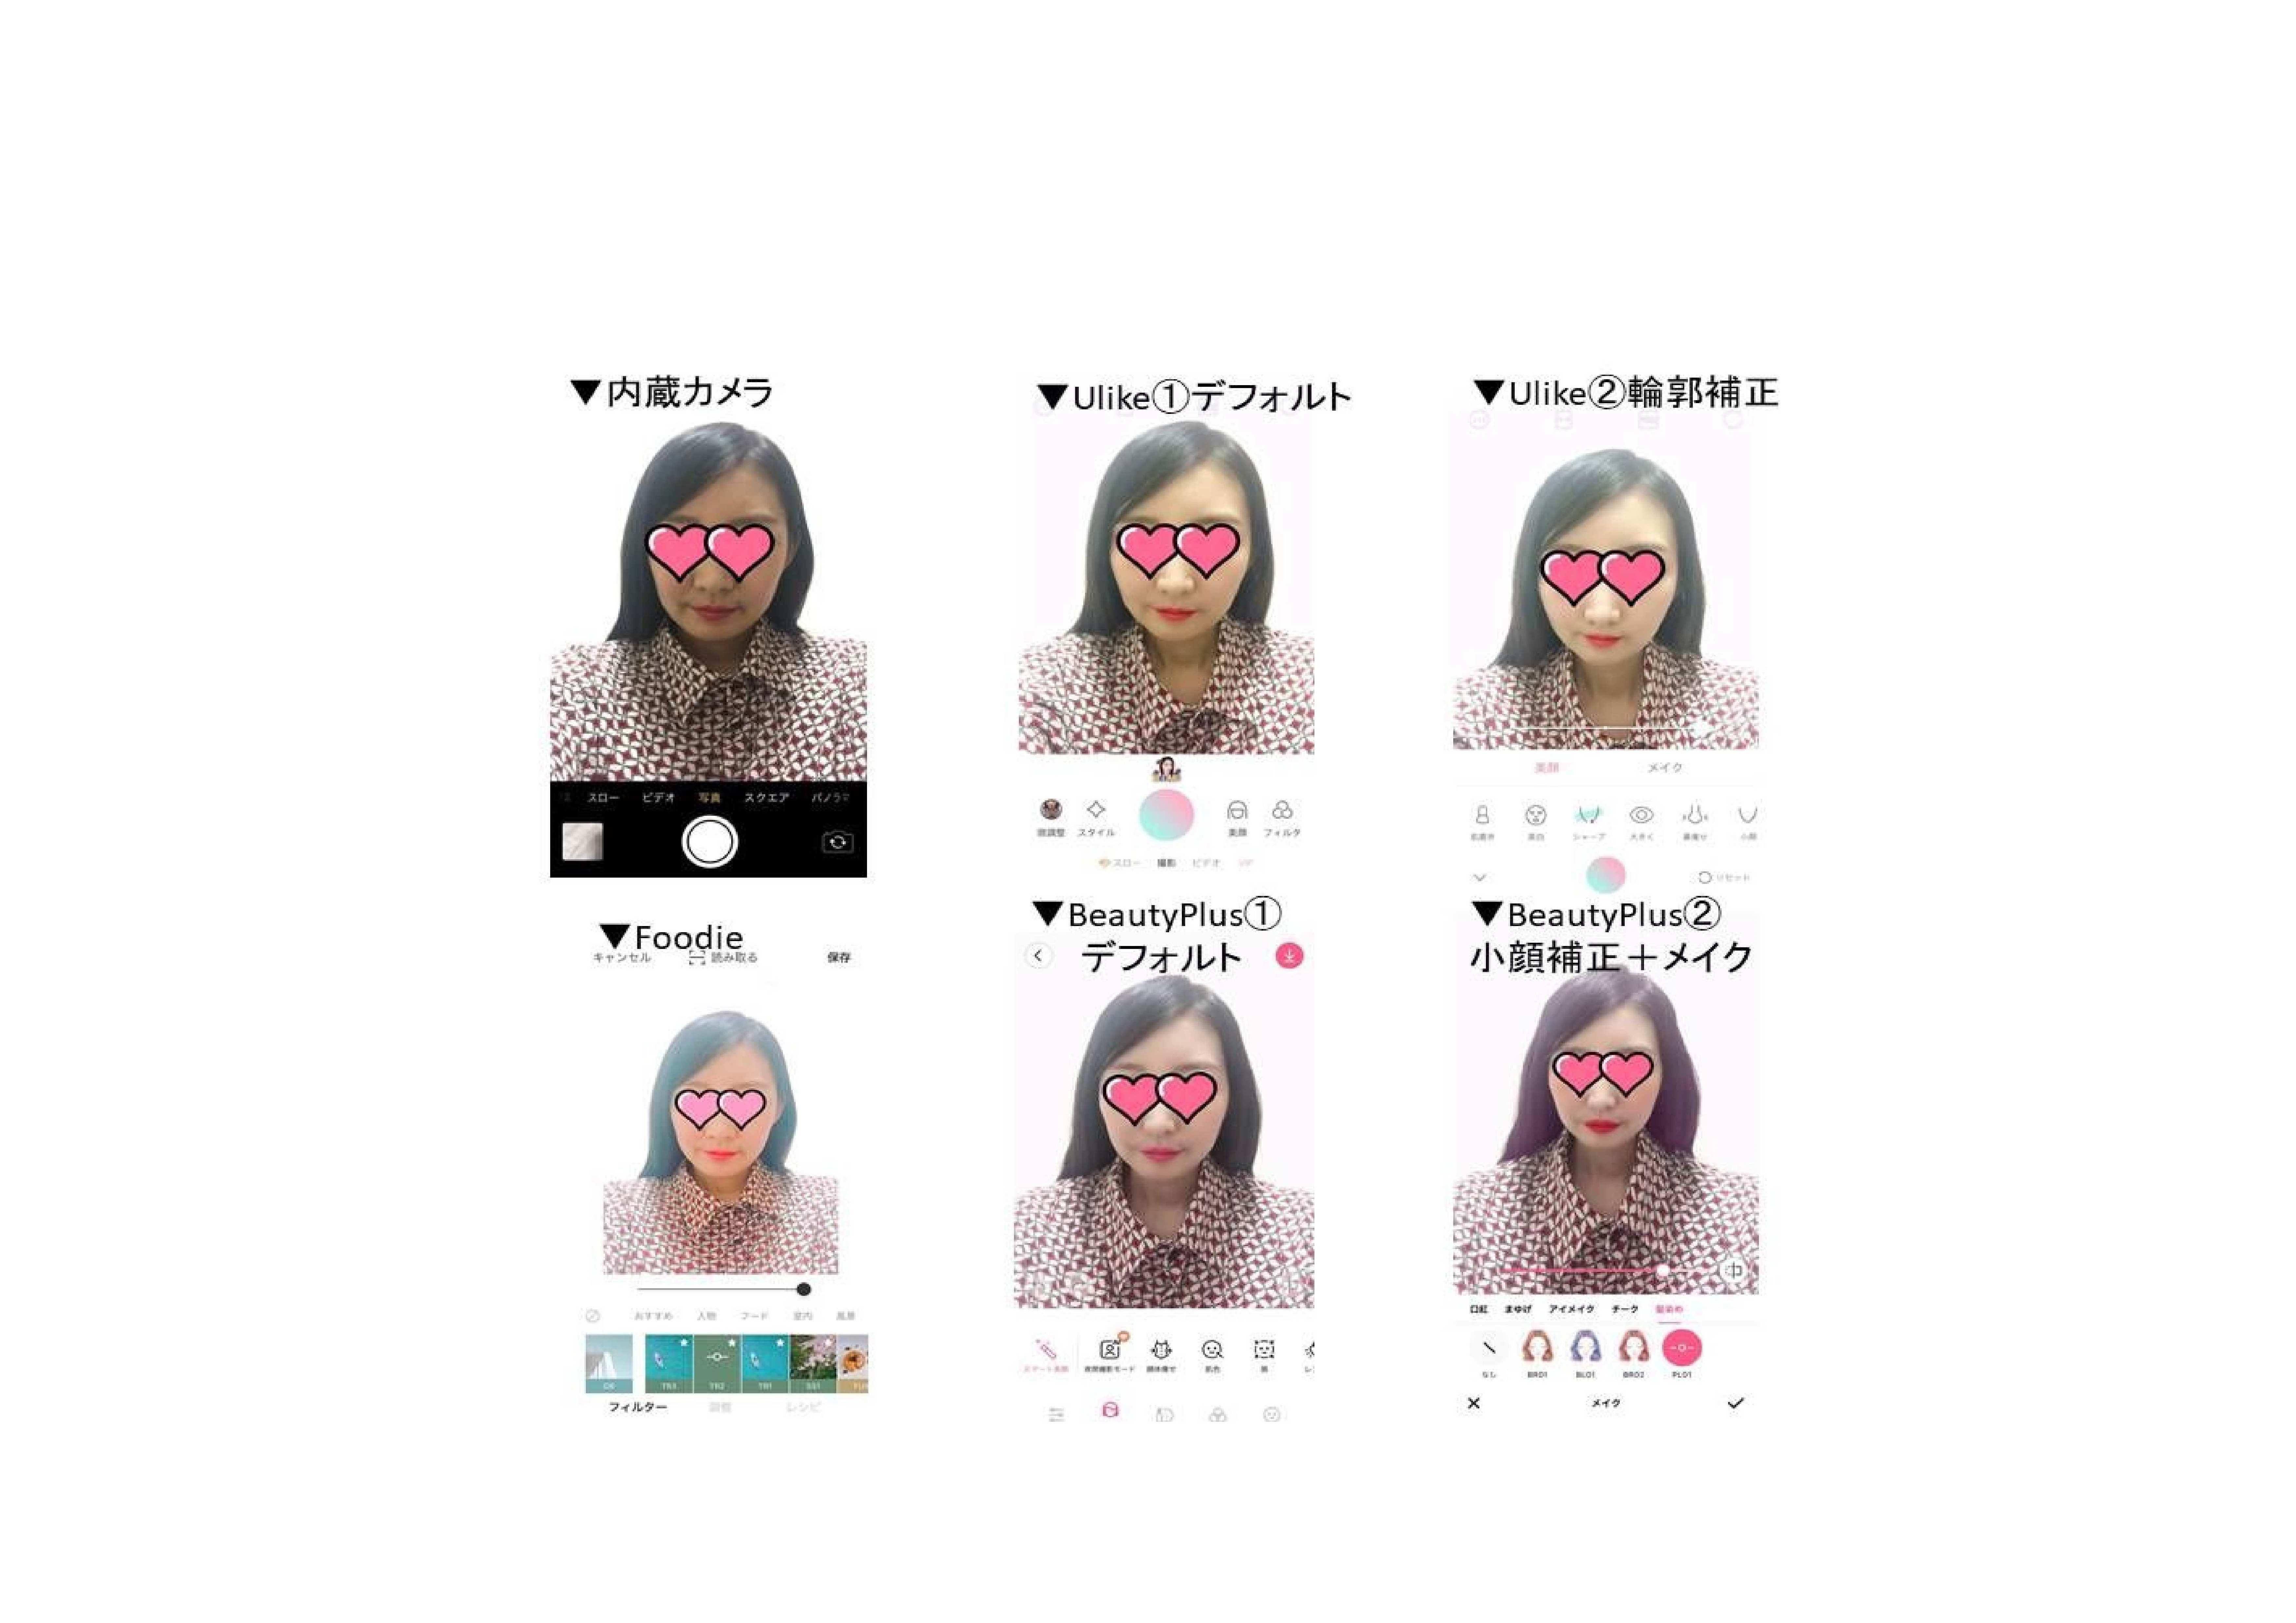 【Foodie/Ulike/BeautyPlus】カメラアプリ比較(自撮り)